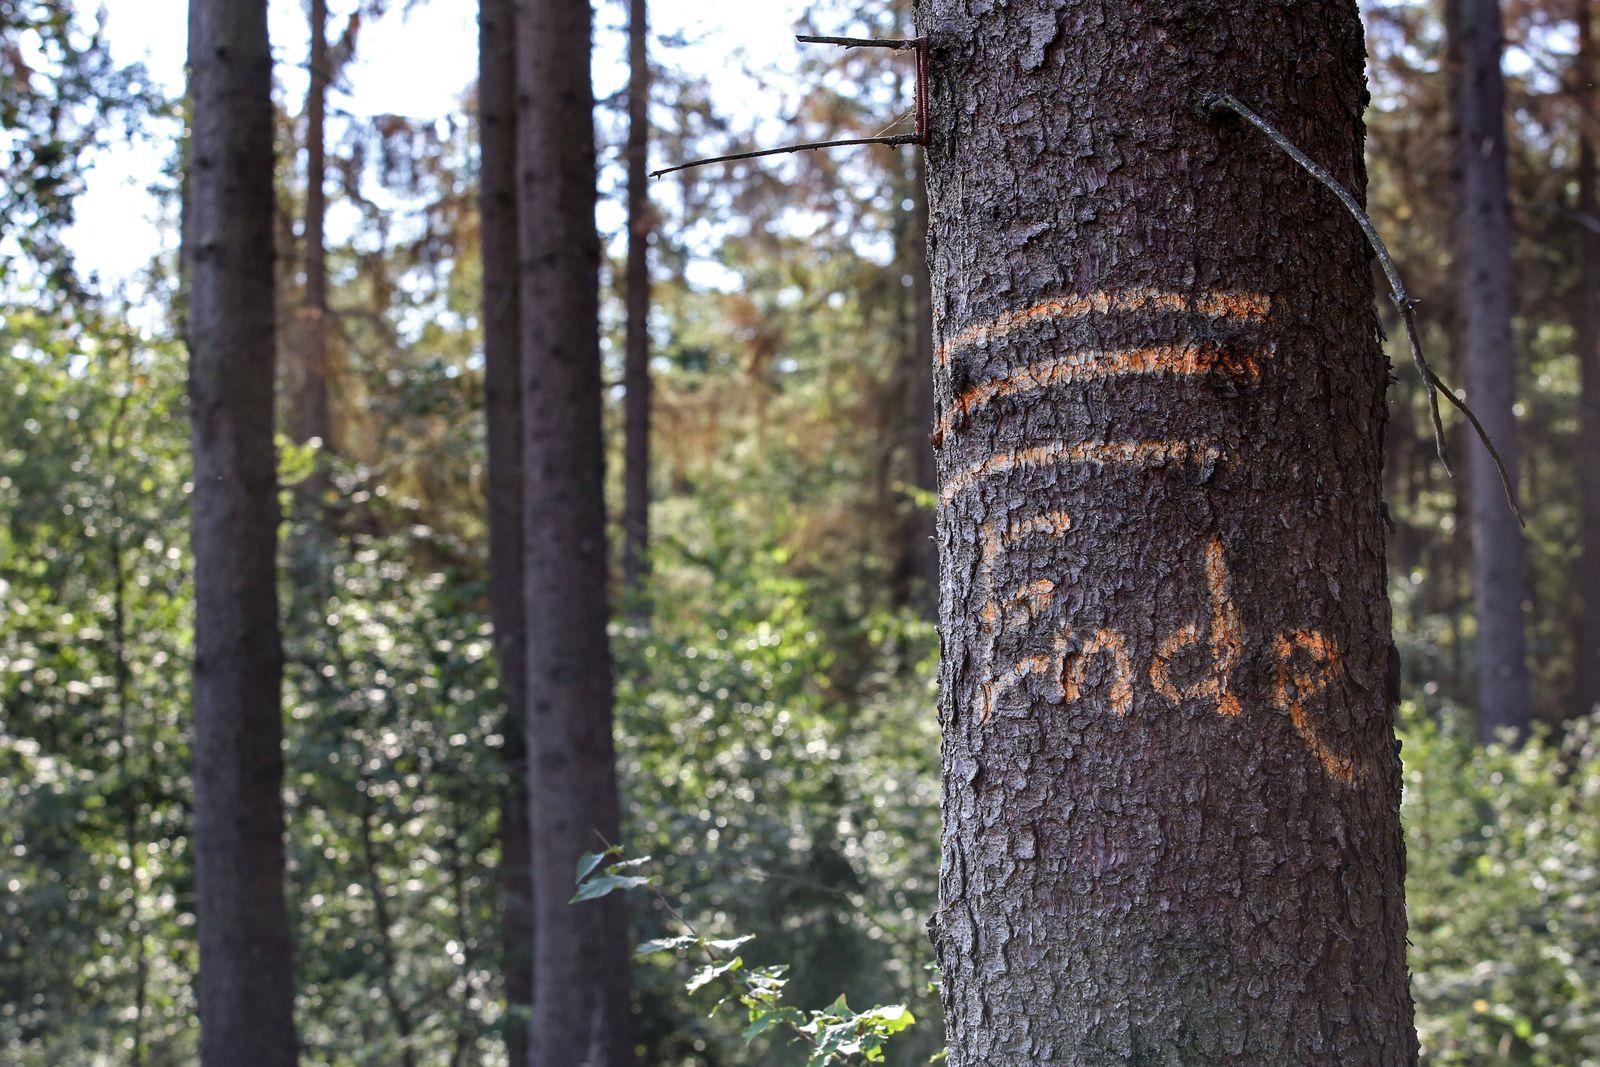 Waldsterben auf dem Gilberg, überall sieht man kranke, abgestorbene Baeume, auf einem Baum steht das Wort ENDE Waldster